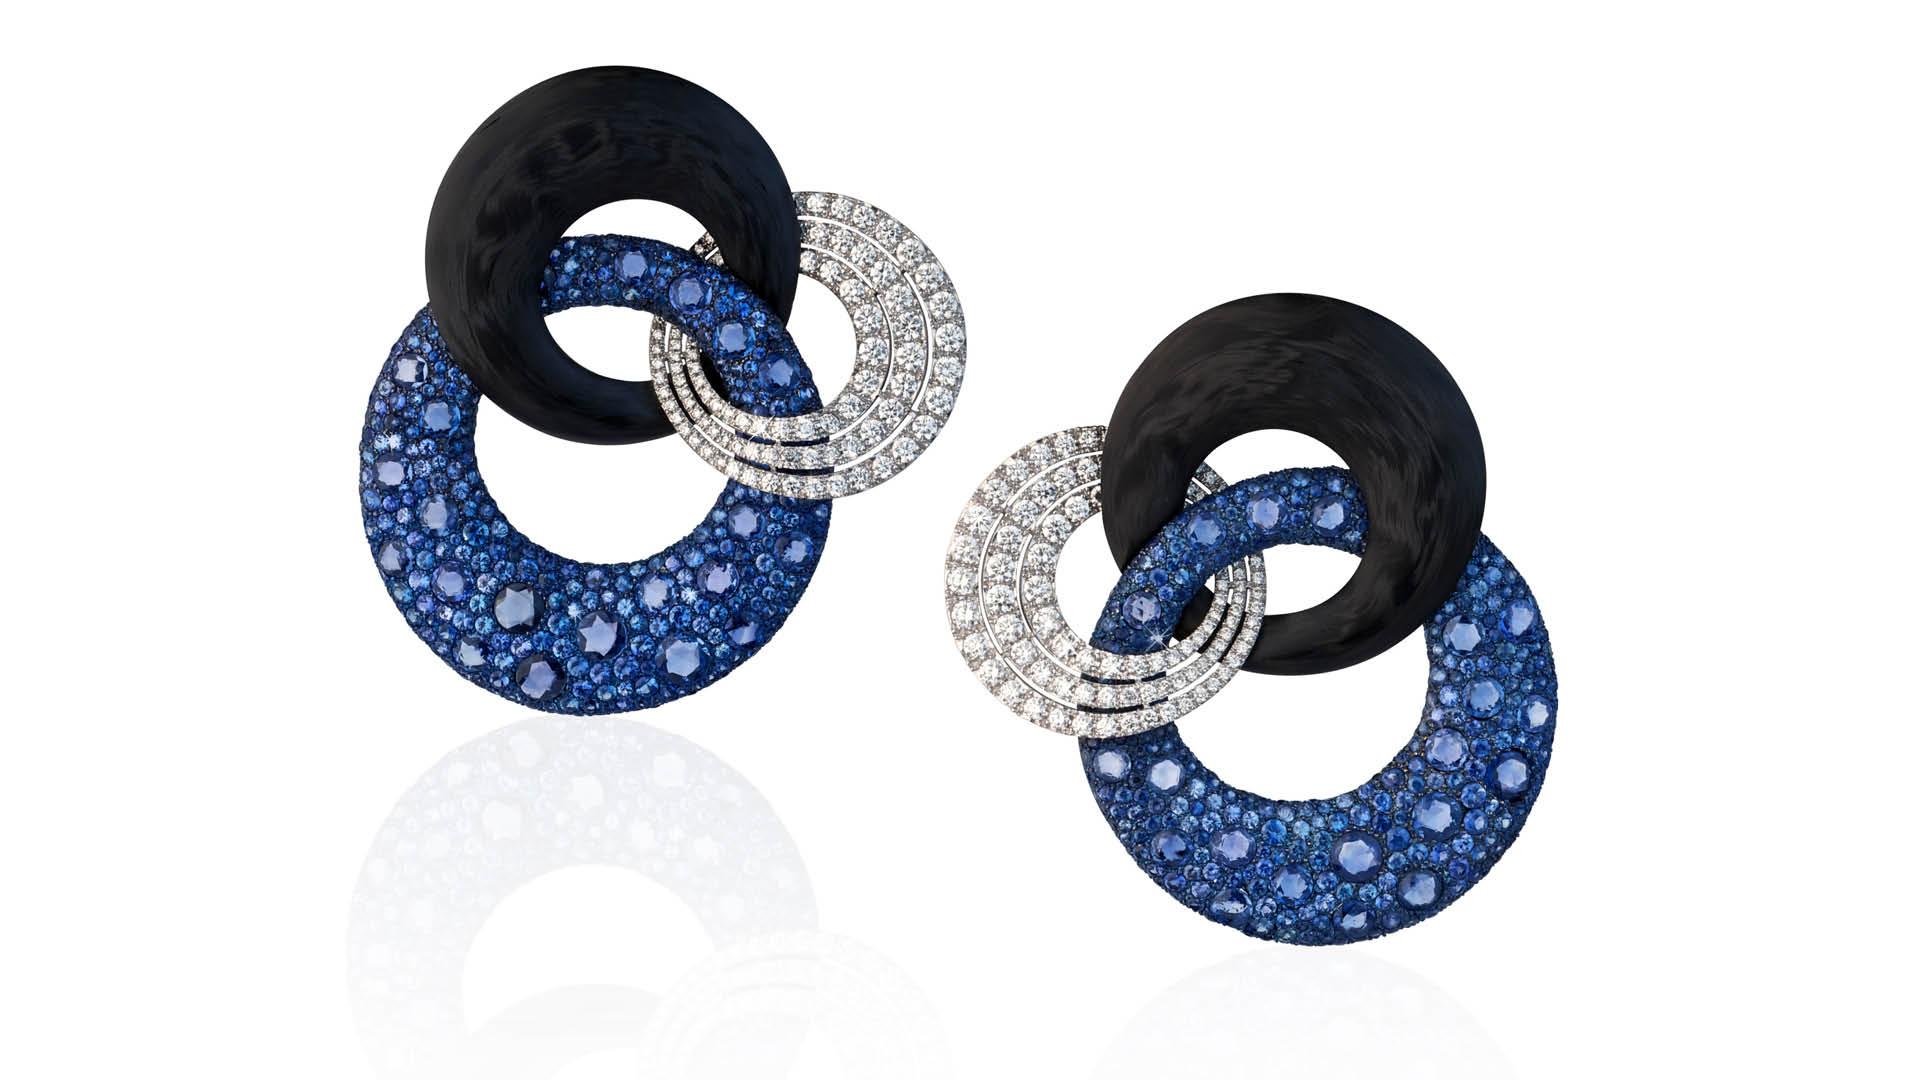 Fabio-Salini-Masterpiece-2018-Carbon-Fibre-Earrings